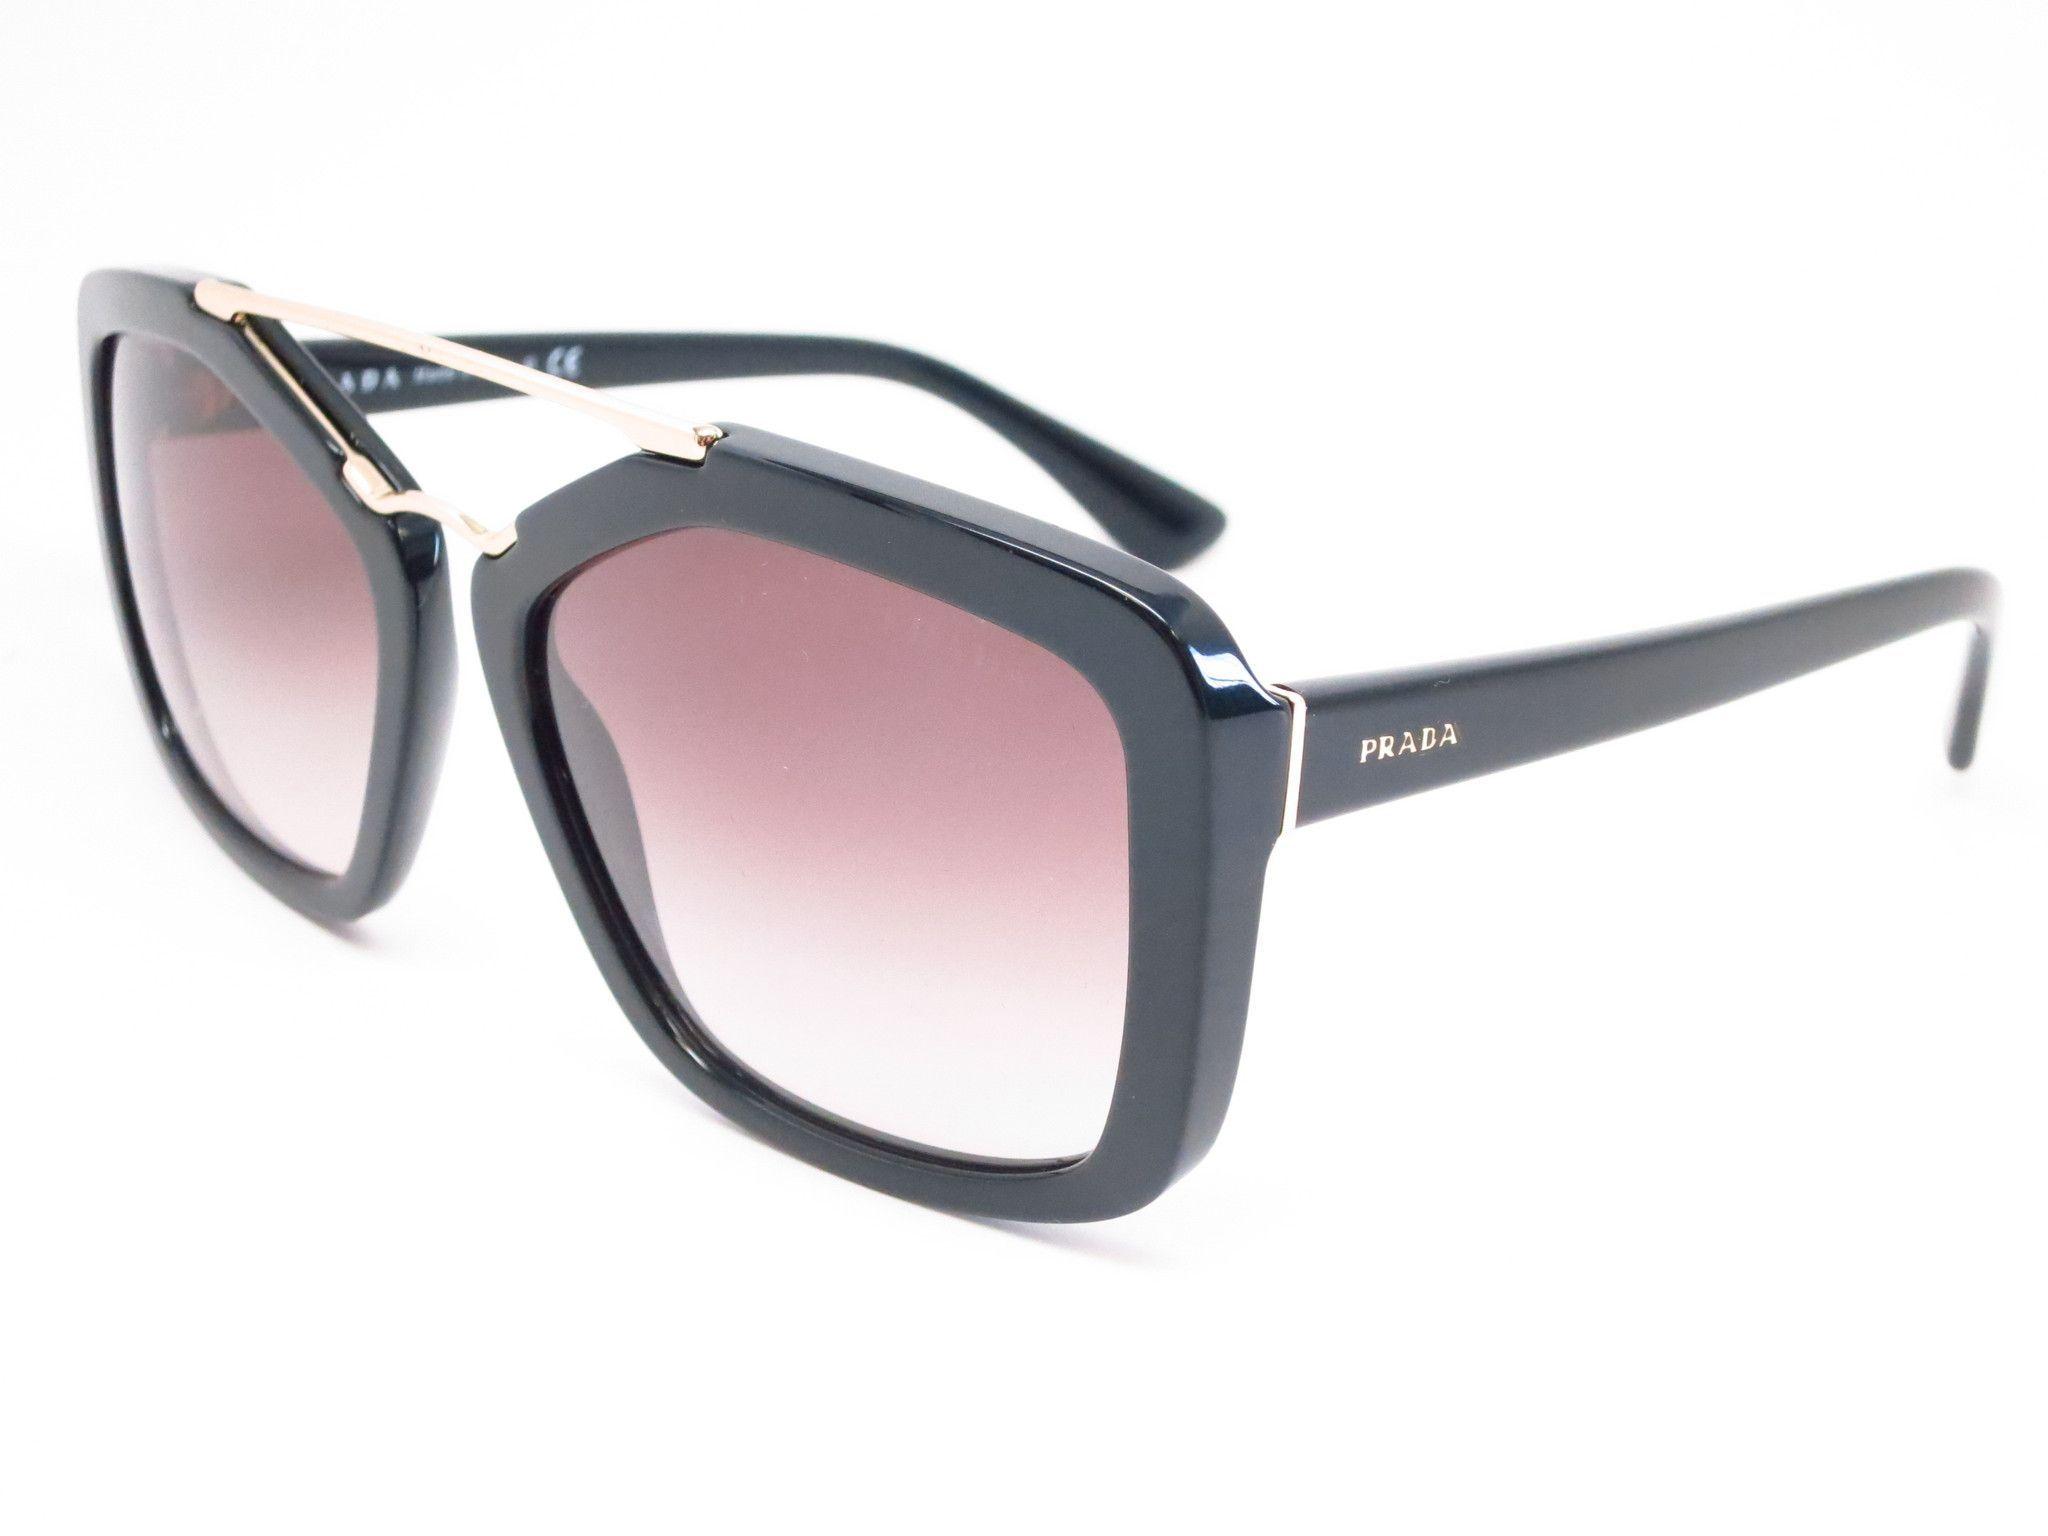 ca2833d09c4 Prada SPR 24R Product Details Brand Name   Prada Model Number   SPR 24R -  Color Code   1AB-0A7 Frame Color   Black Lens Color   Grey Gradient  Polarized   No ...